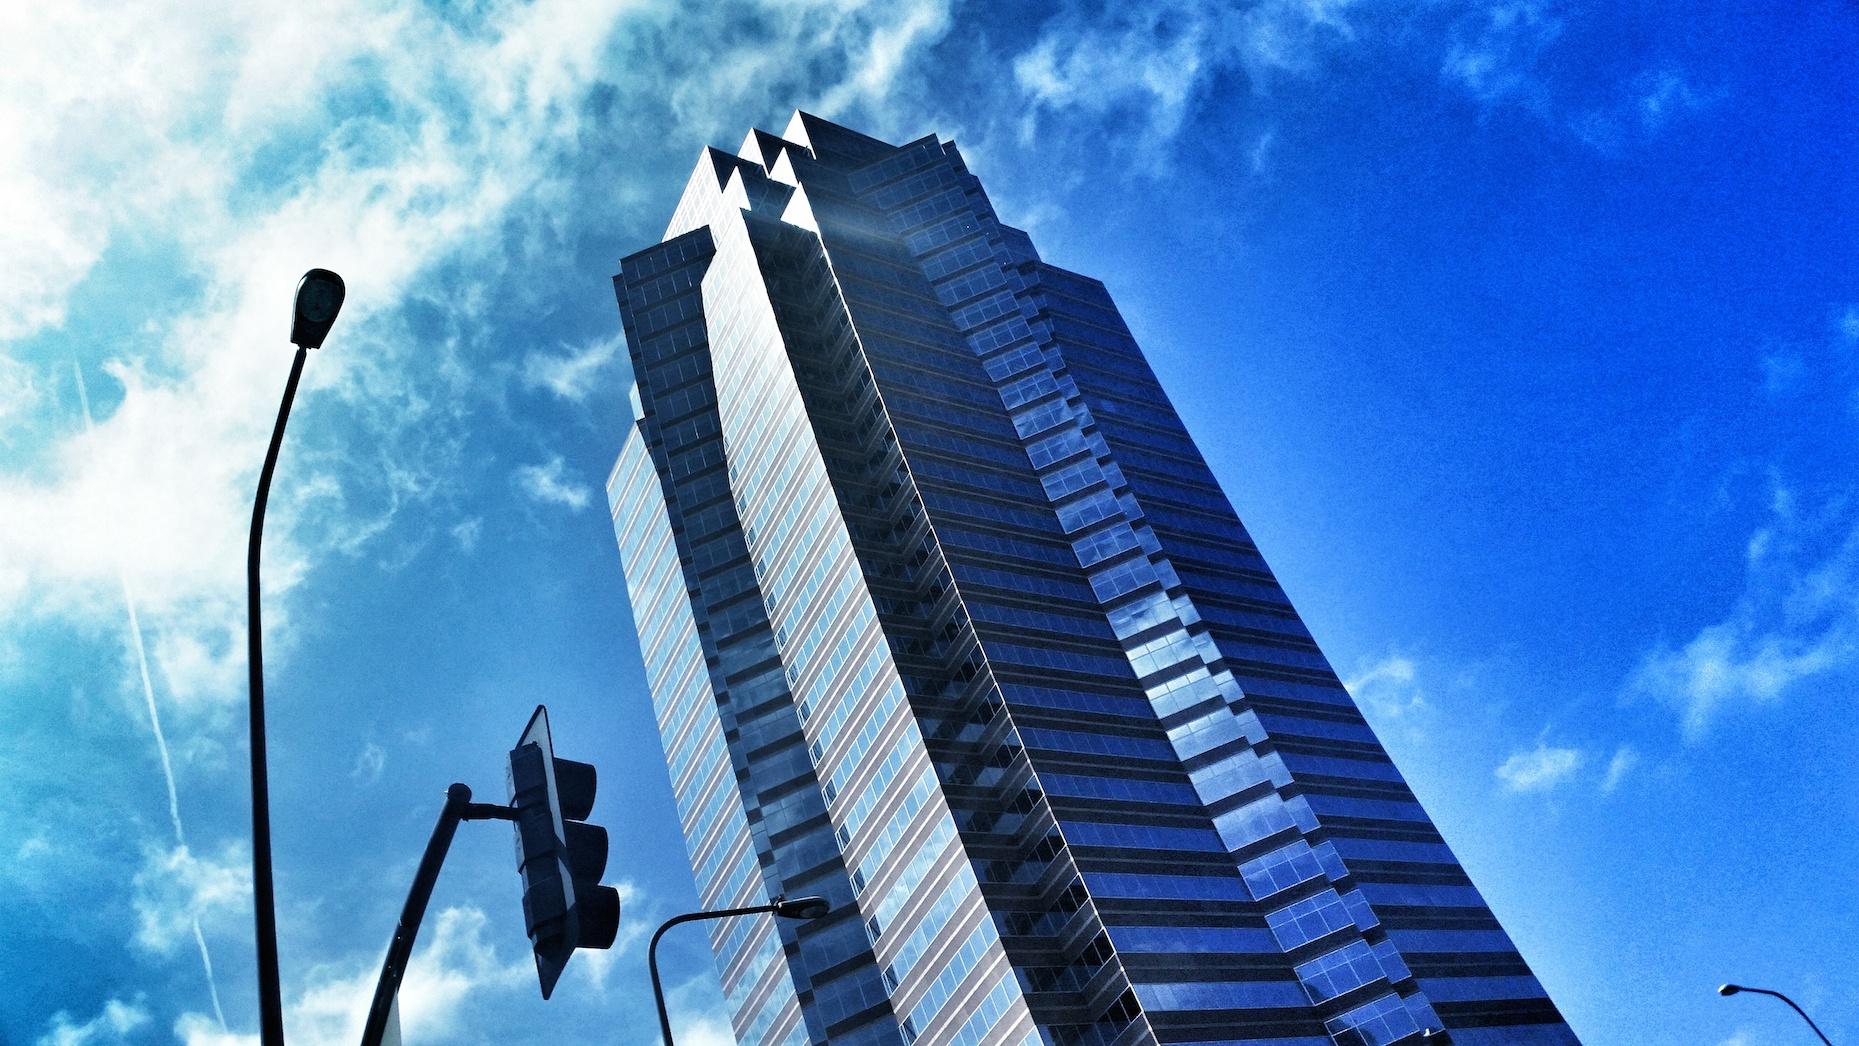 15. Nakatomi Plaza, Die Hard 2